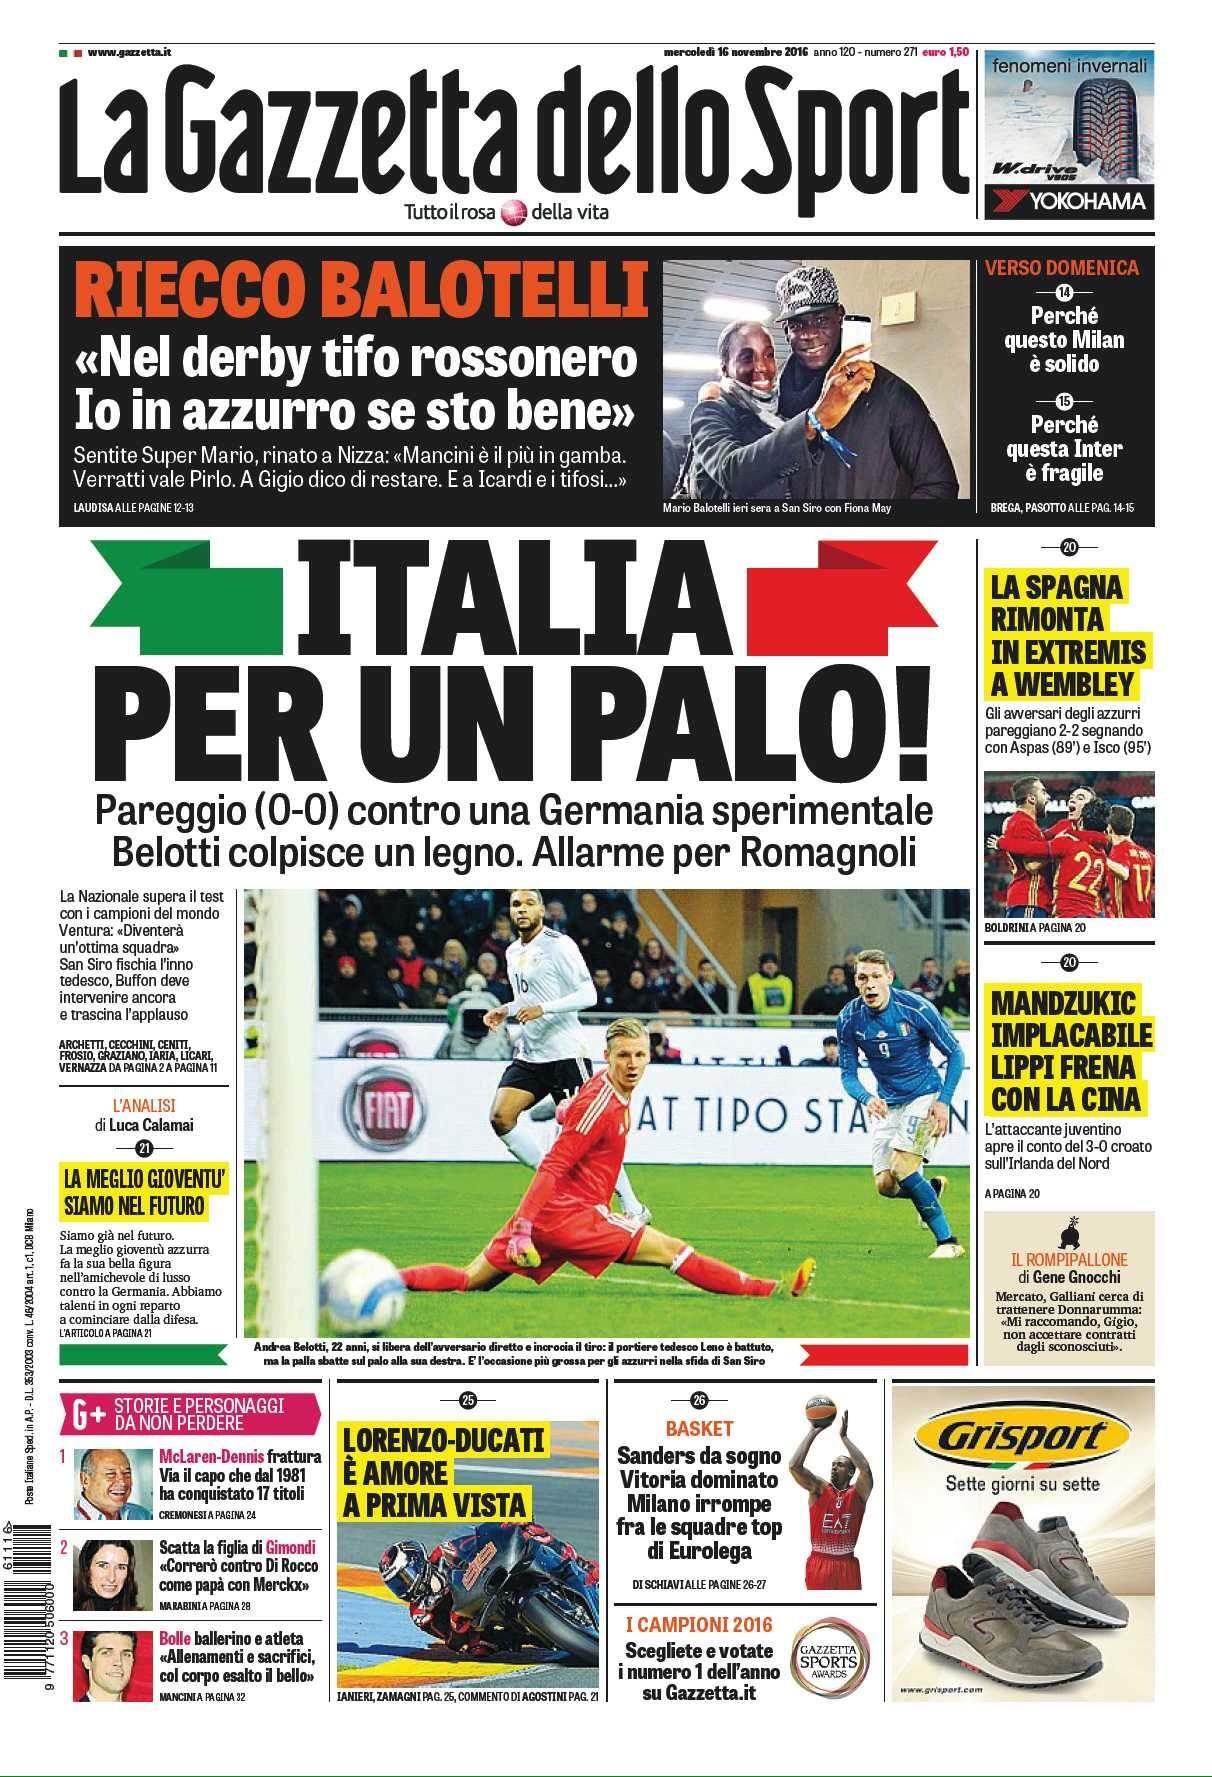 Rassegna stampa sportiva 16 novembre 2016